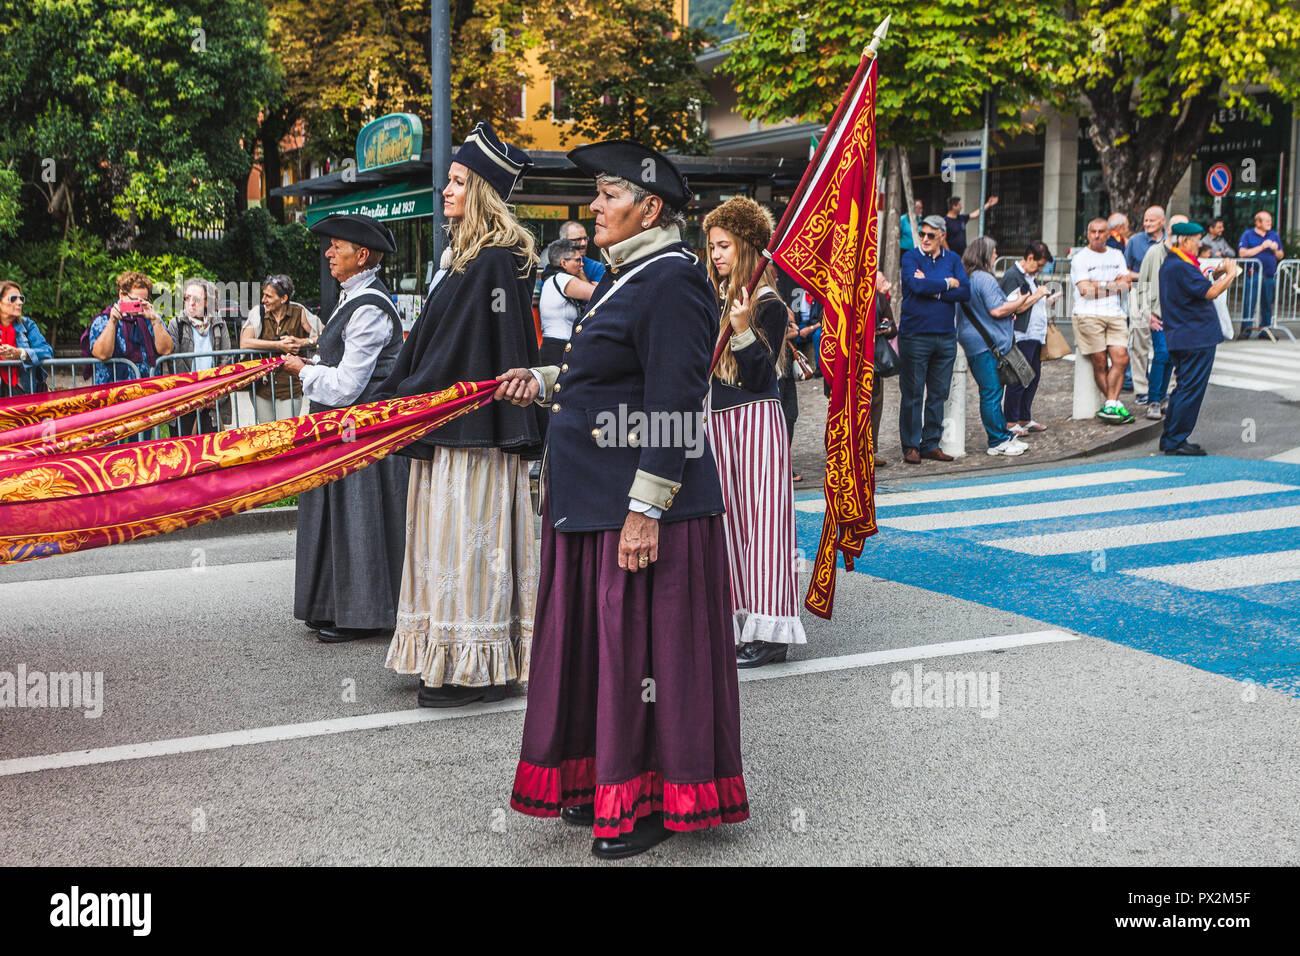 VITTORIO VENETO, Italia - 23 settembre 2018: rievocazione storica con persone vestite come diciannovesimo secolo le donne della Repubblica di Venezia Foto Stock